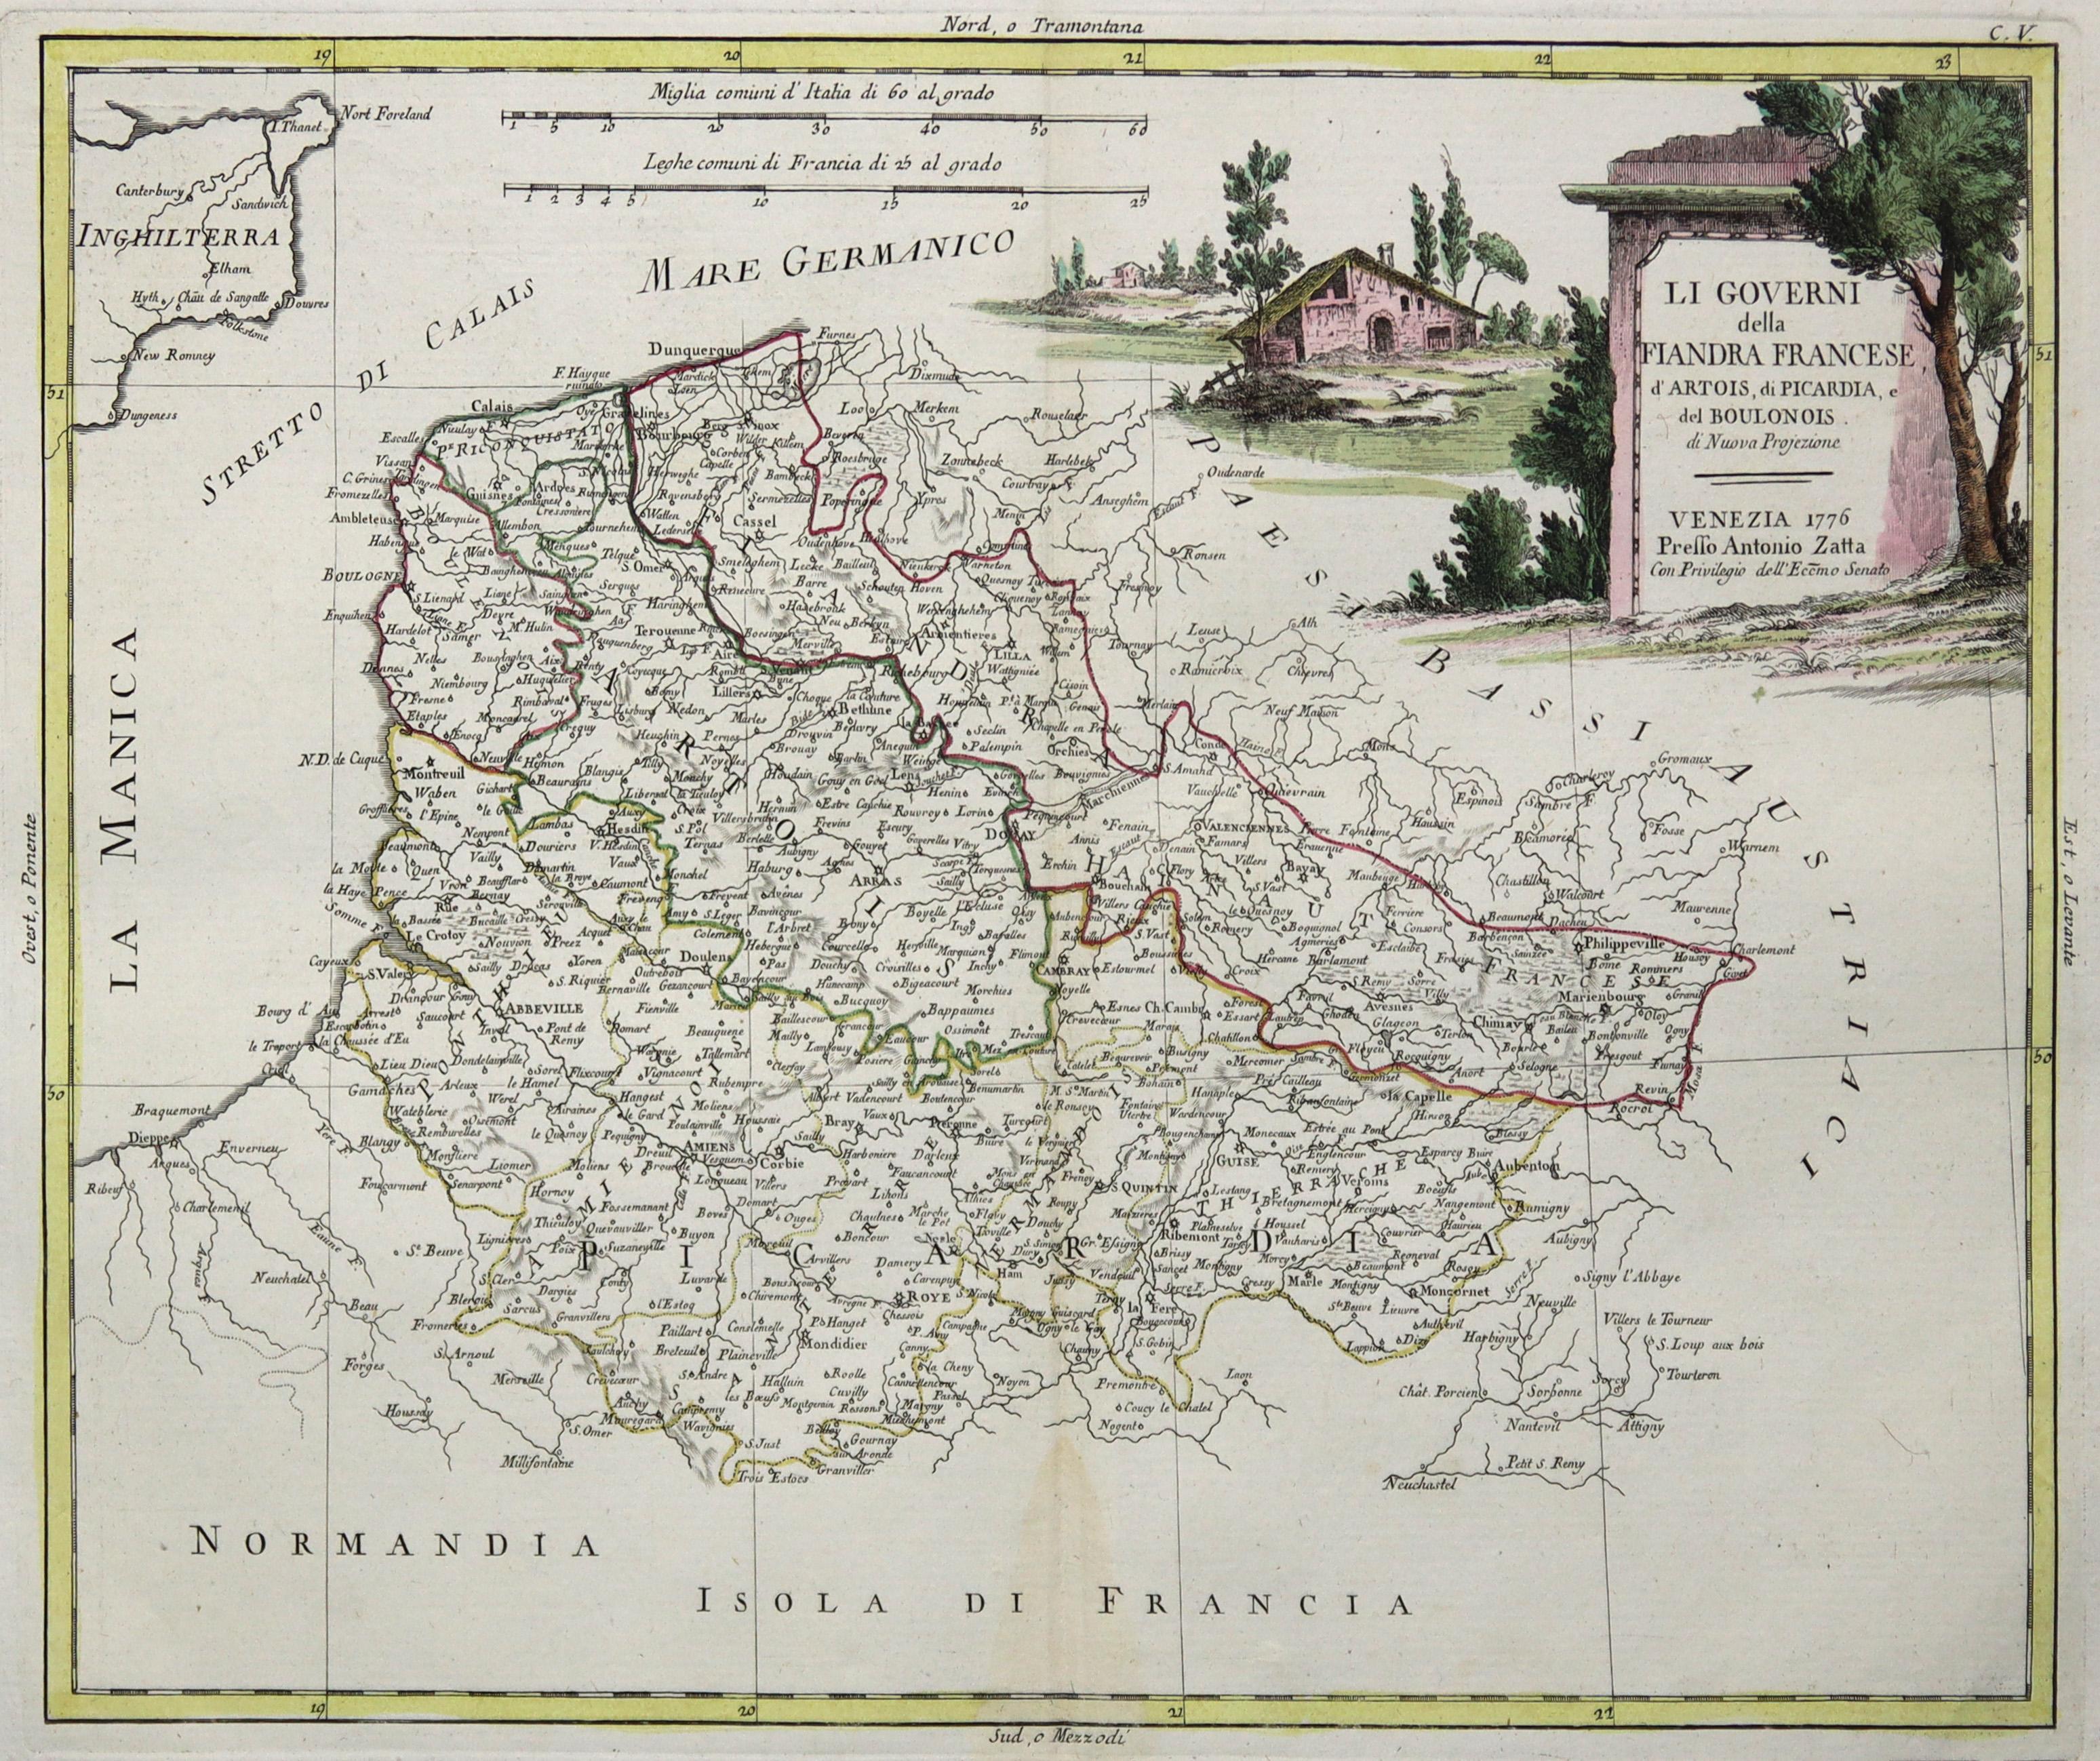 """Kst.- Karte, b. A. Zatta, """"Li Governi: Artois und Picardie:"""